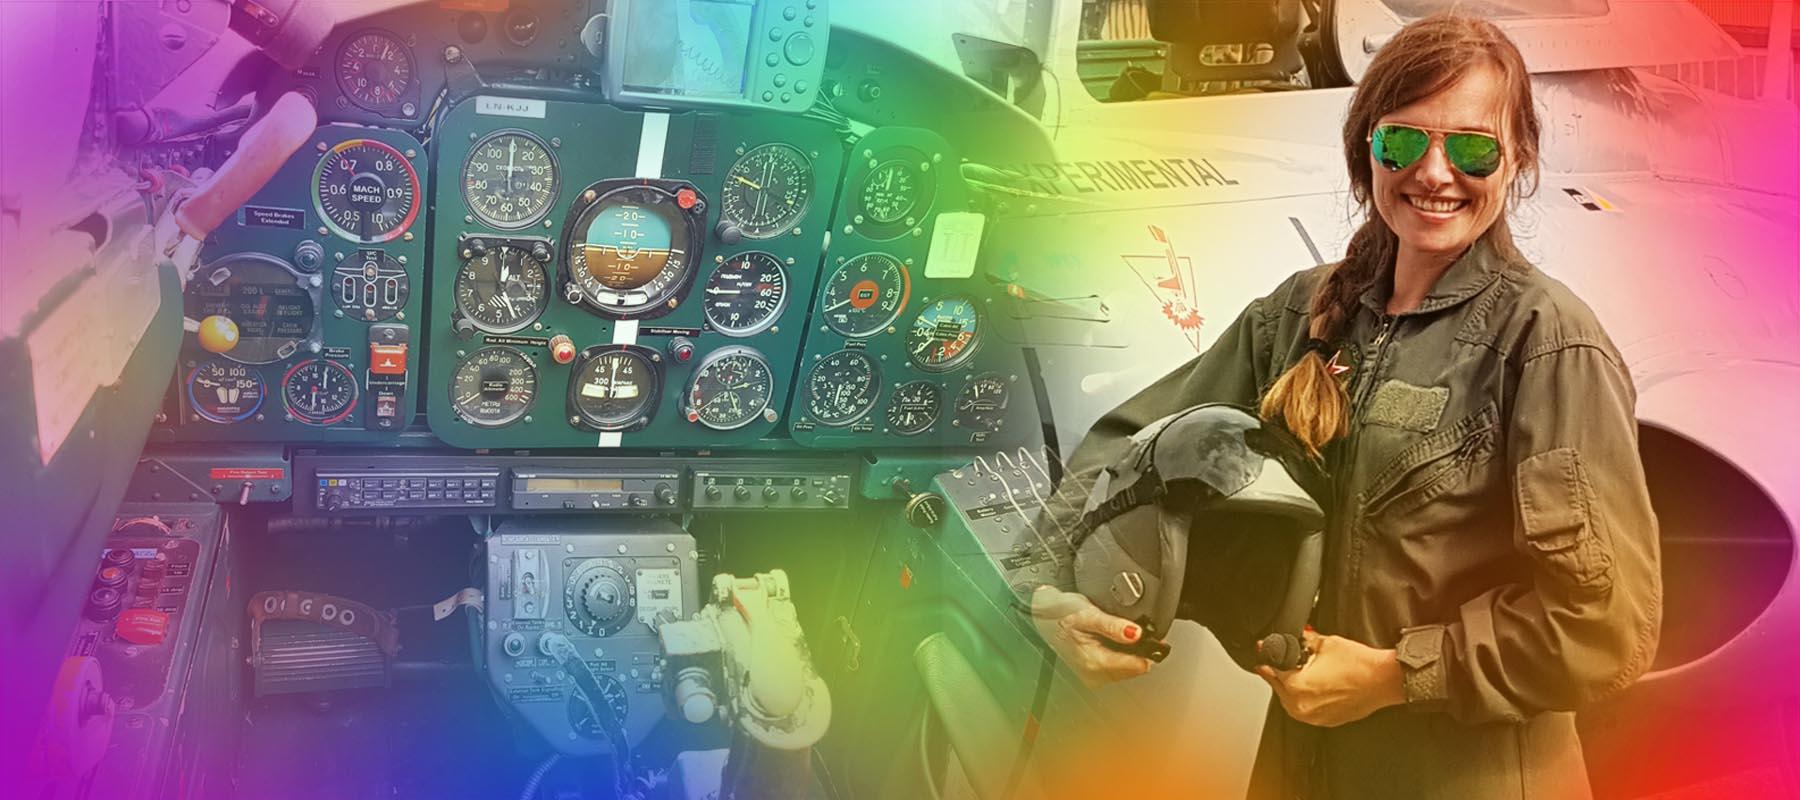 Jagerfly7ny